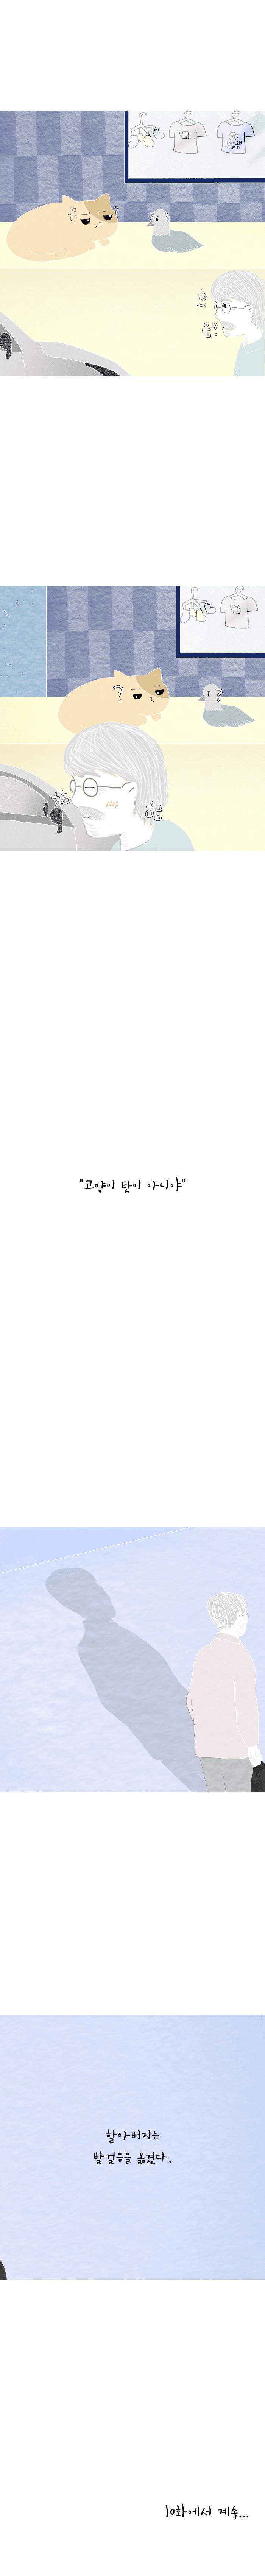 9640145592e60b7c583b821c3bac734f_1513646